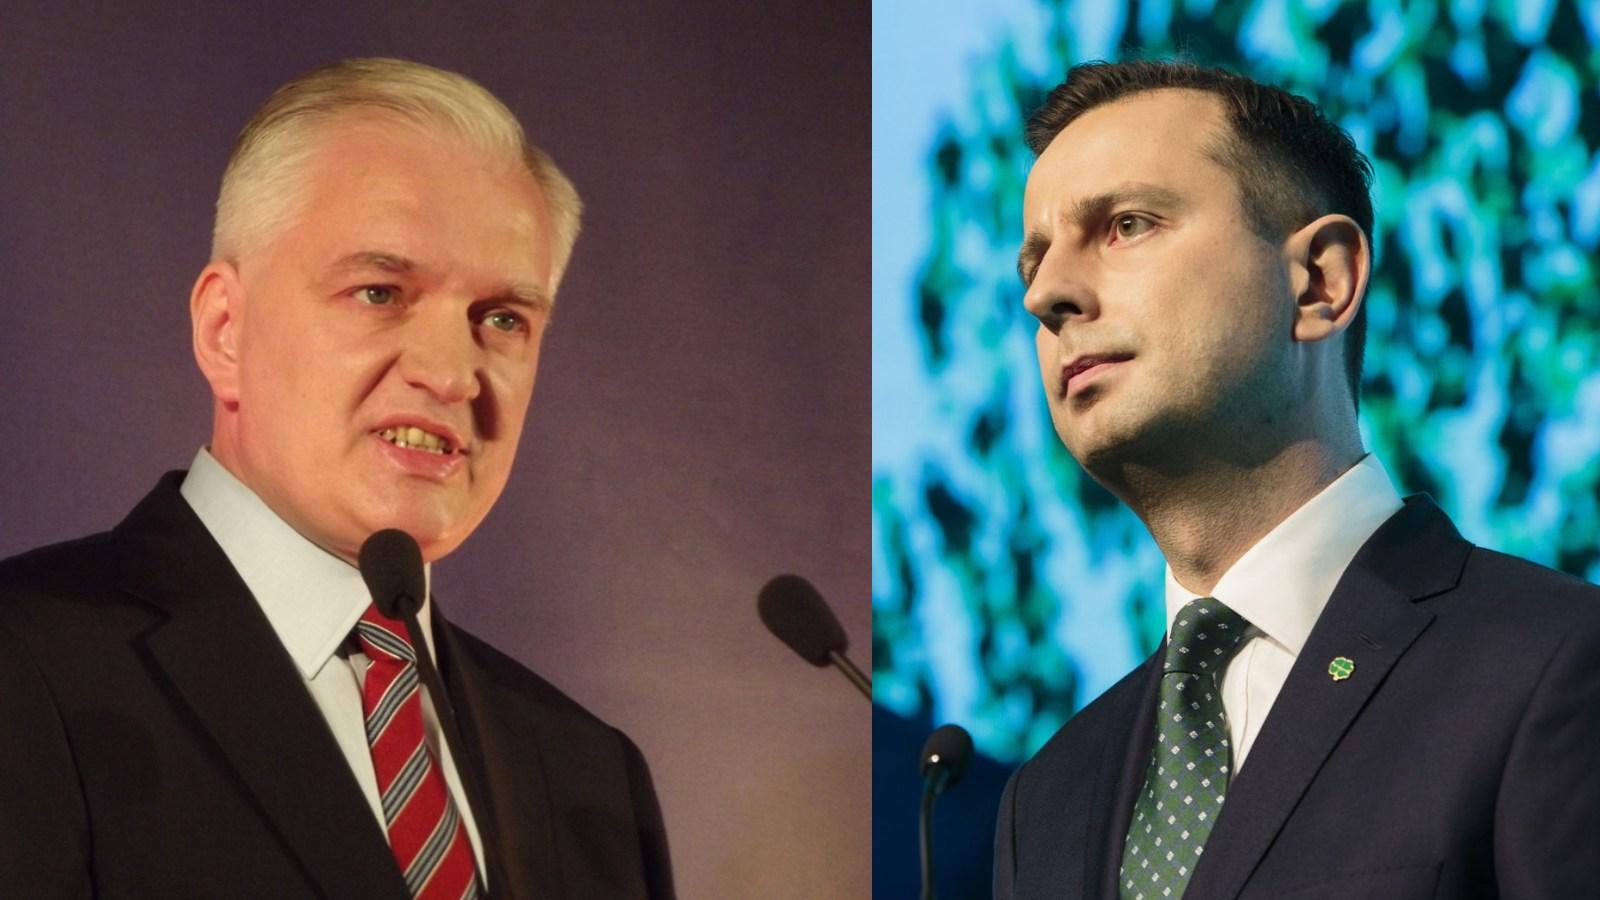 """PSL pójdzie dowyborów zGowinem? Kosiniak-Kamysz: """"Oddawna rozmawiamy"""""""